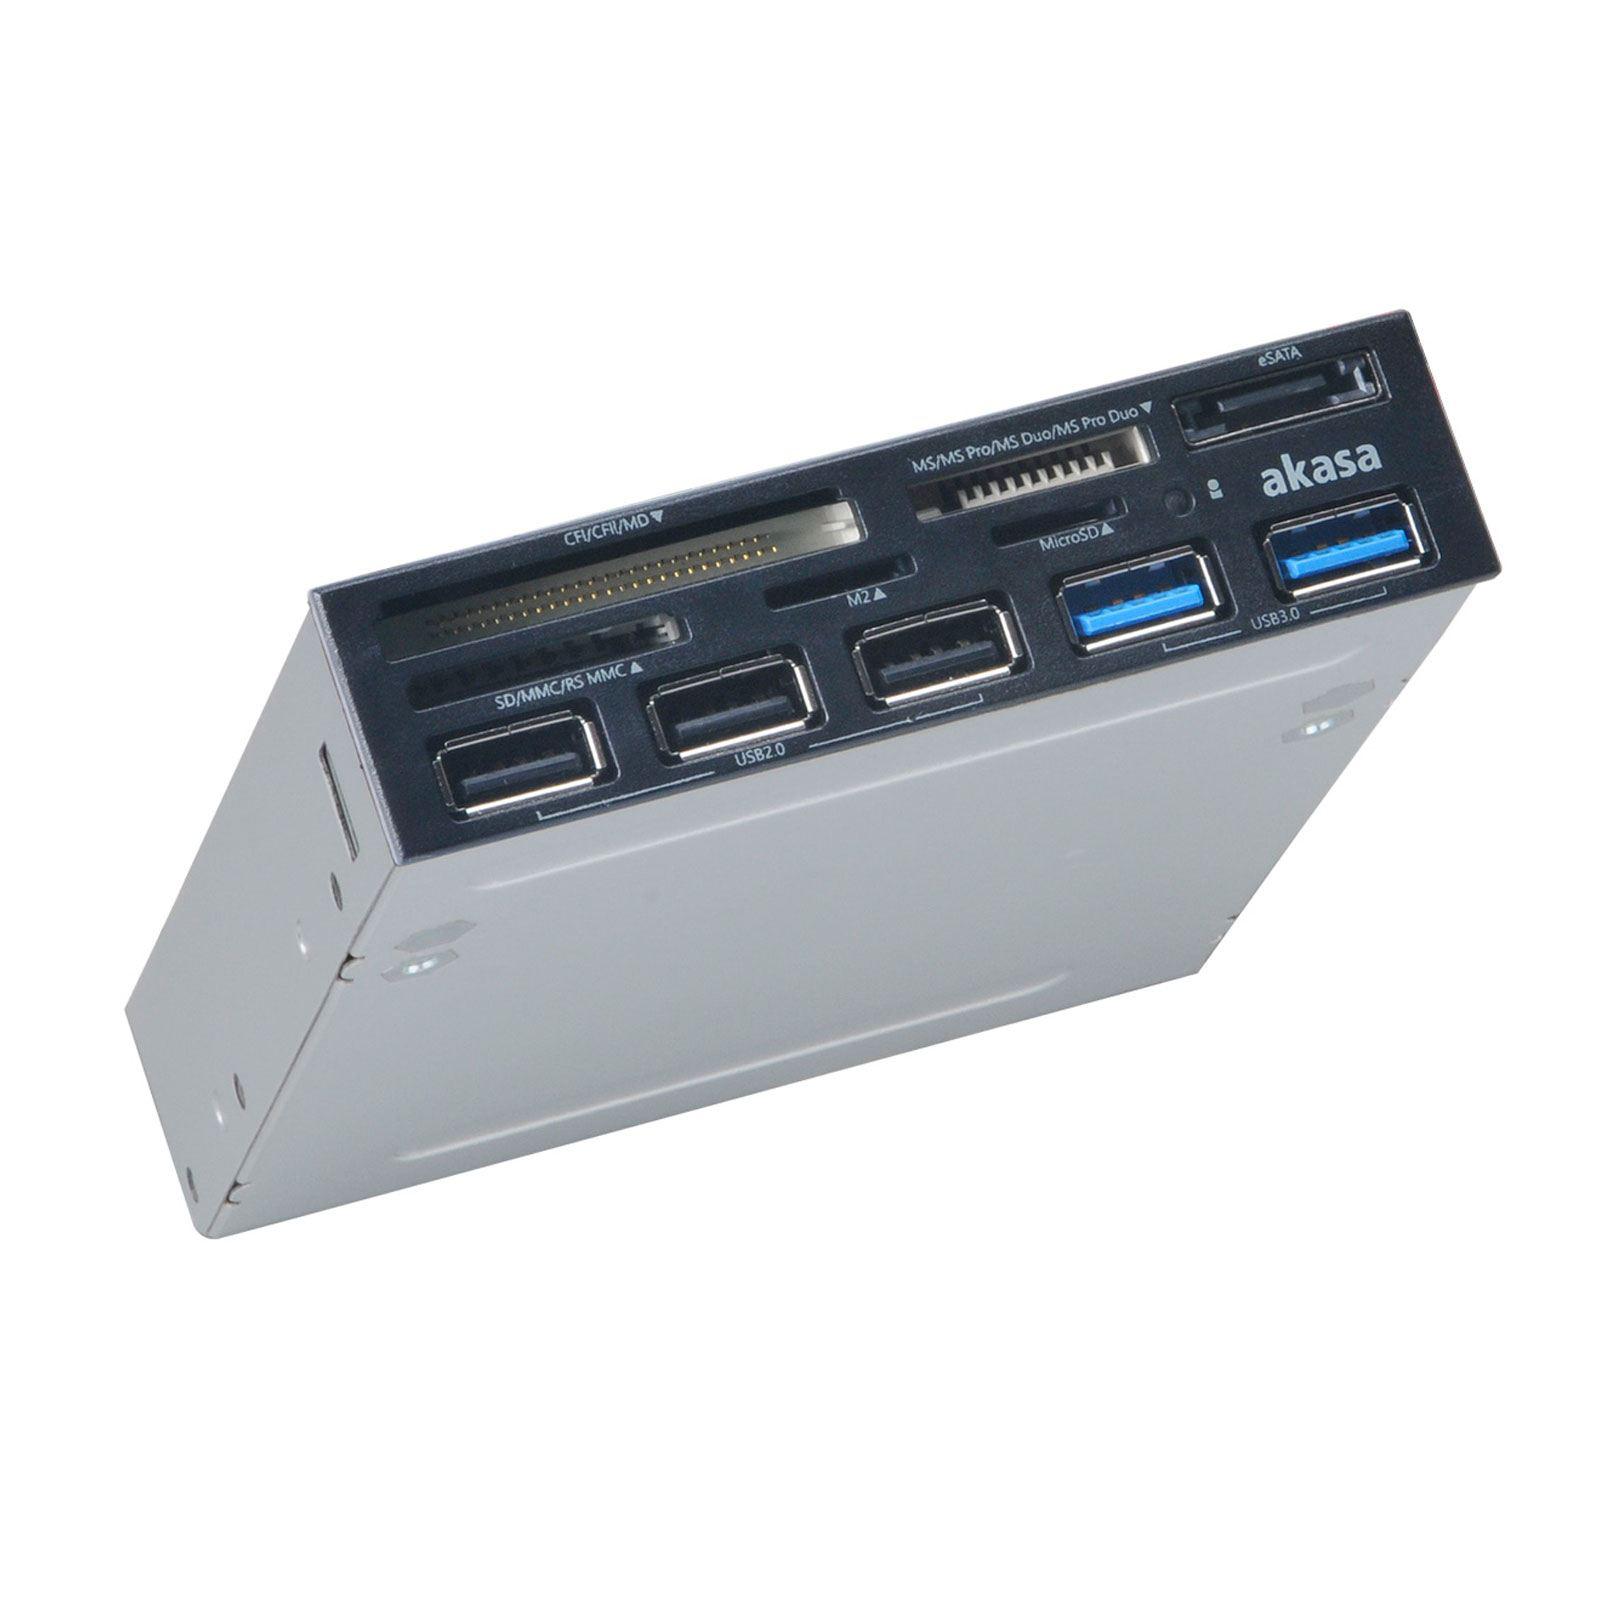 Akasa 3.5 usb 2.0, 5-slot mulitcard reader with esata and multiple usb port panel